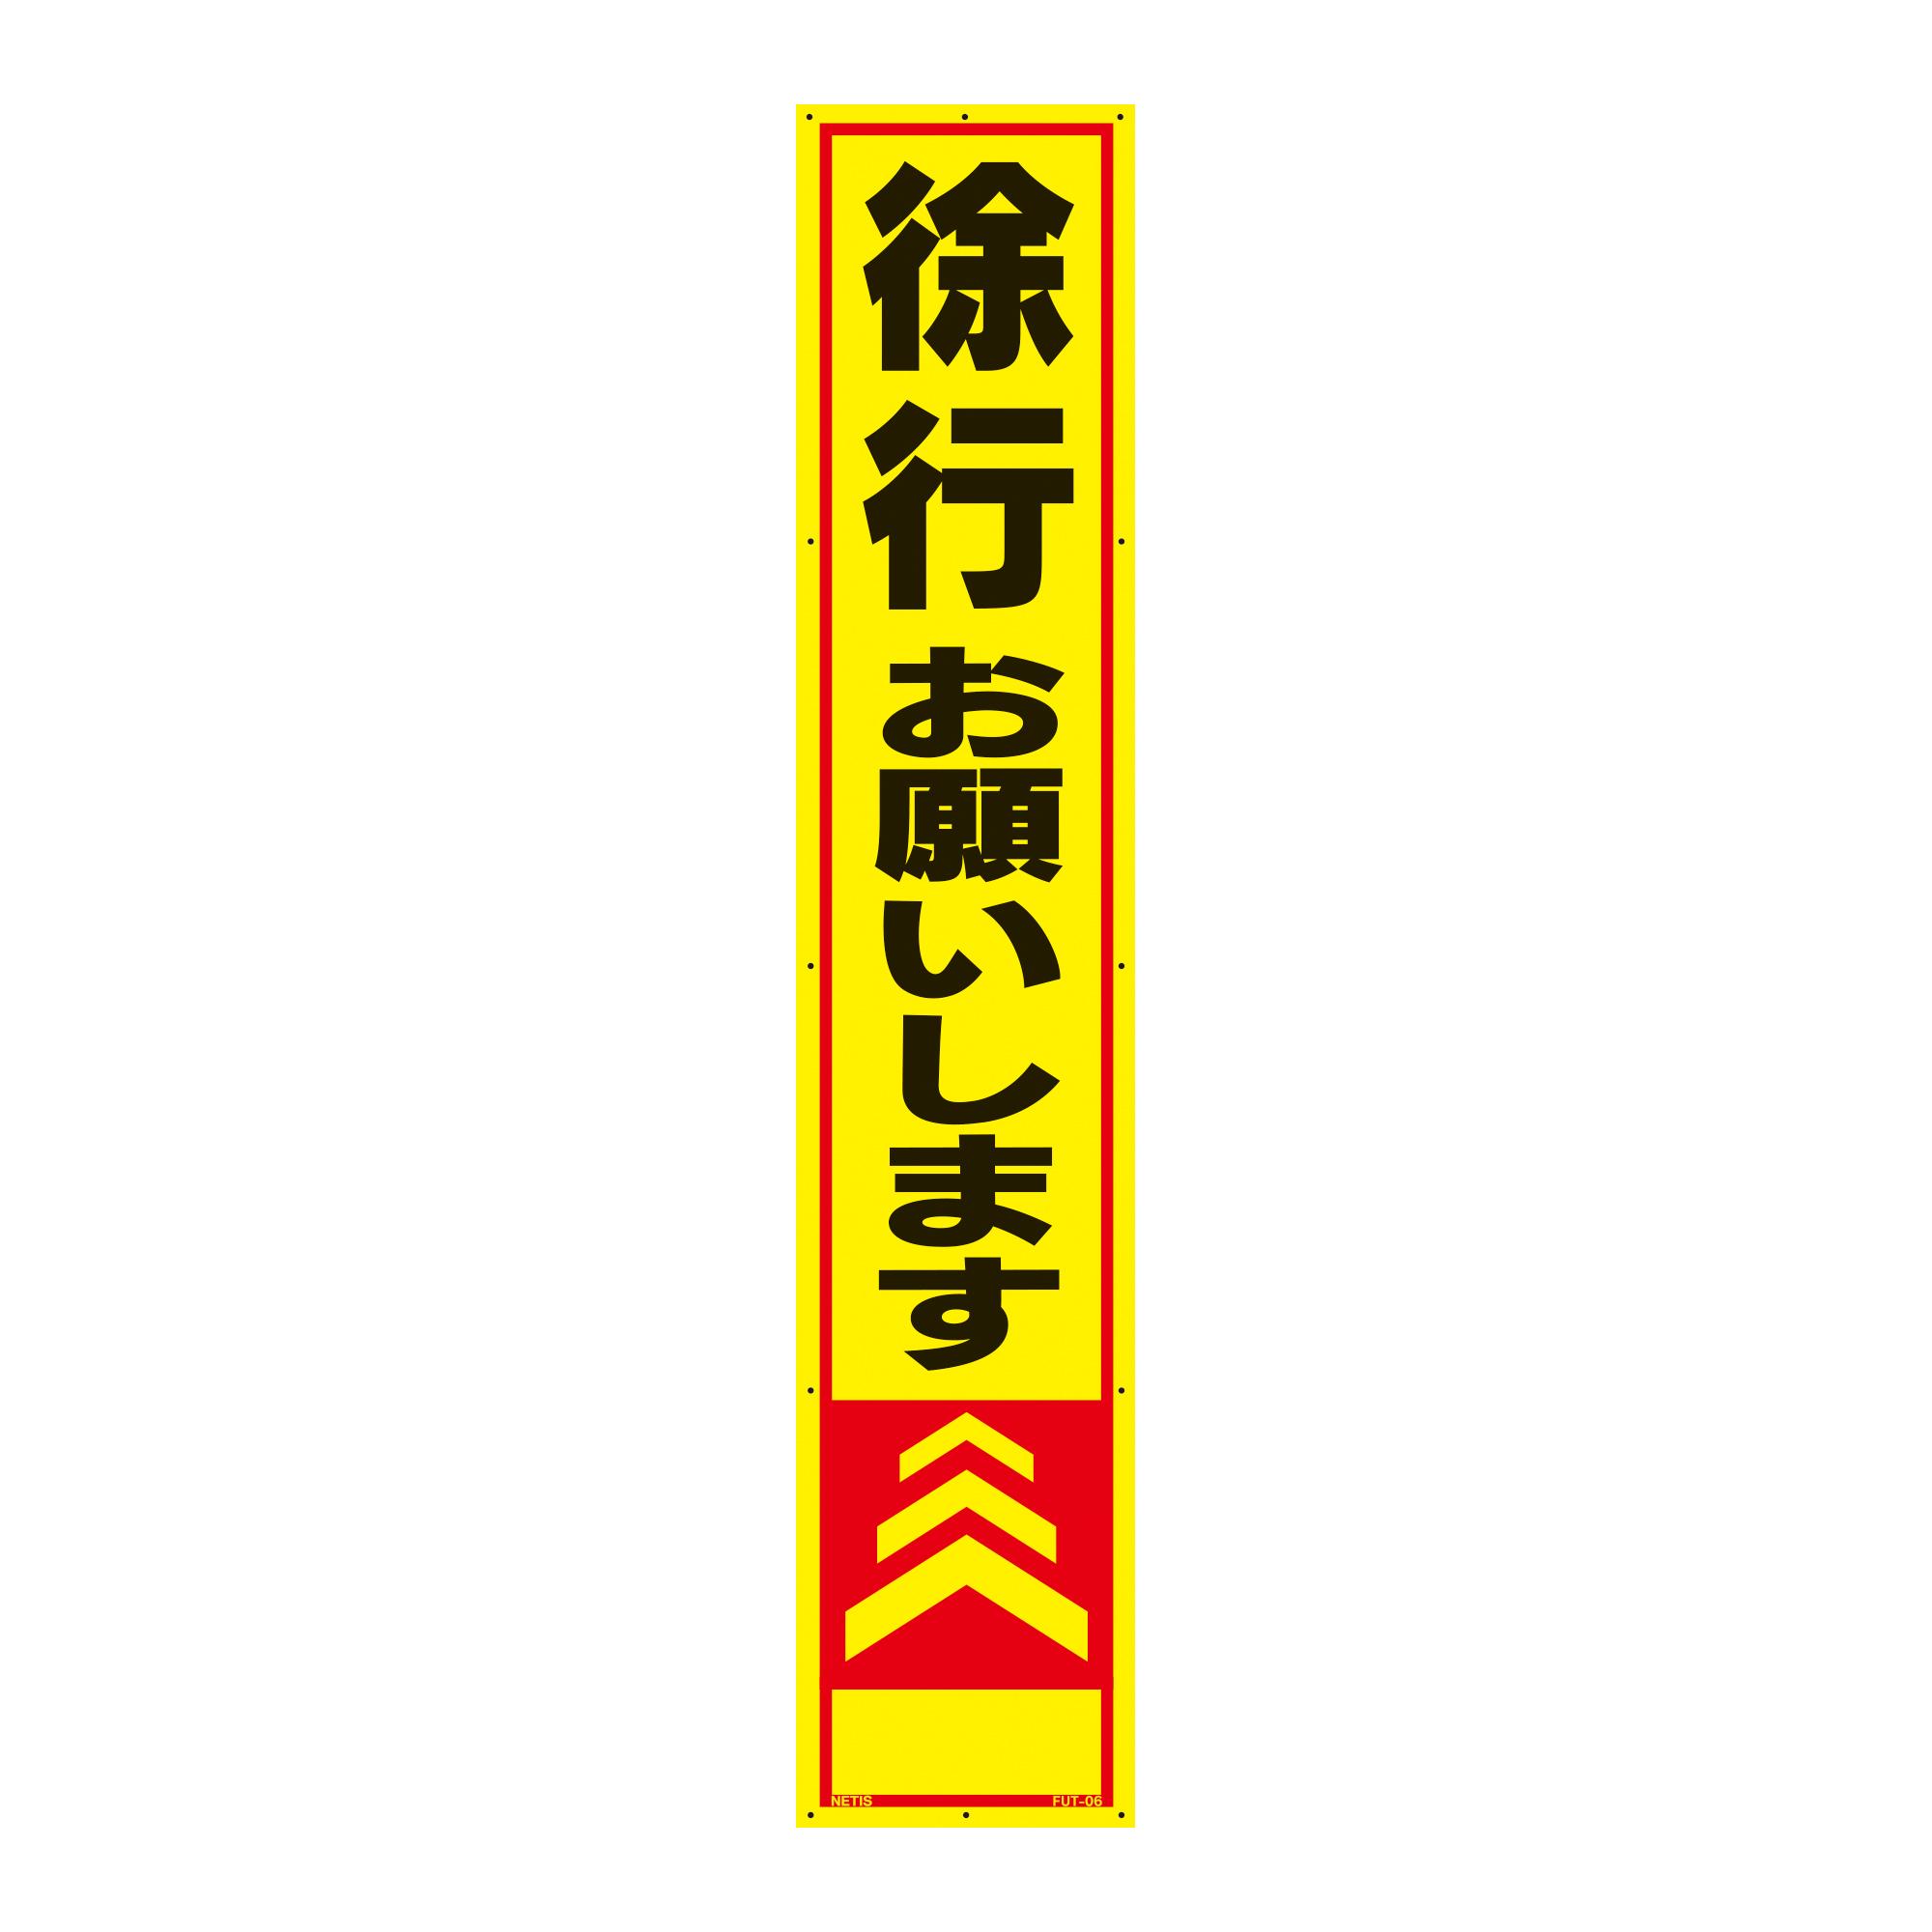 風太郎FUT-06 徐行お願いします板275×1400